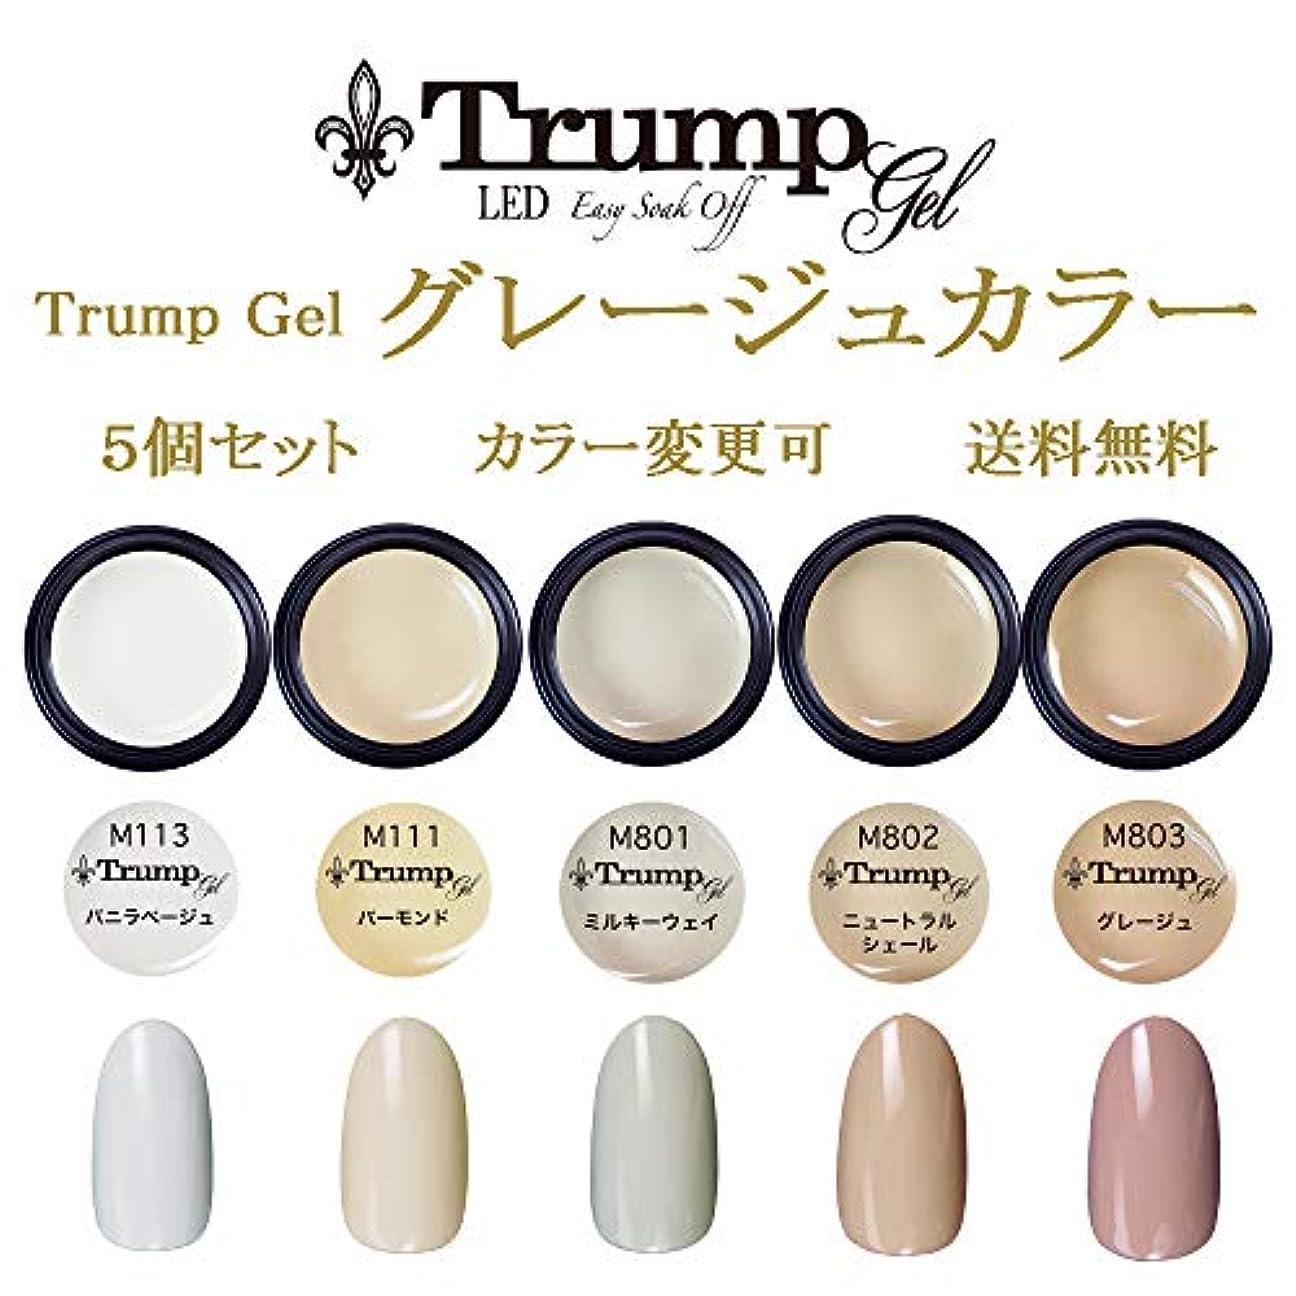 ヒゲプレゼン報奨金日本製 Trump gel トランプジェル グレージュカラー 選べる カラージェル 5個セット ホワイト ベージュ ピンク スモーク